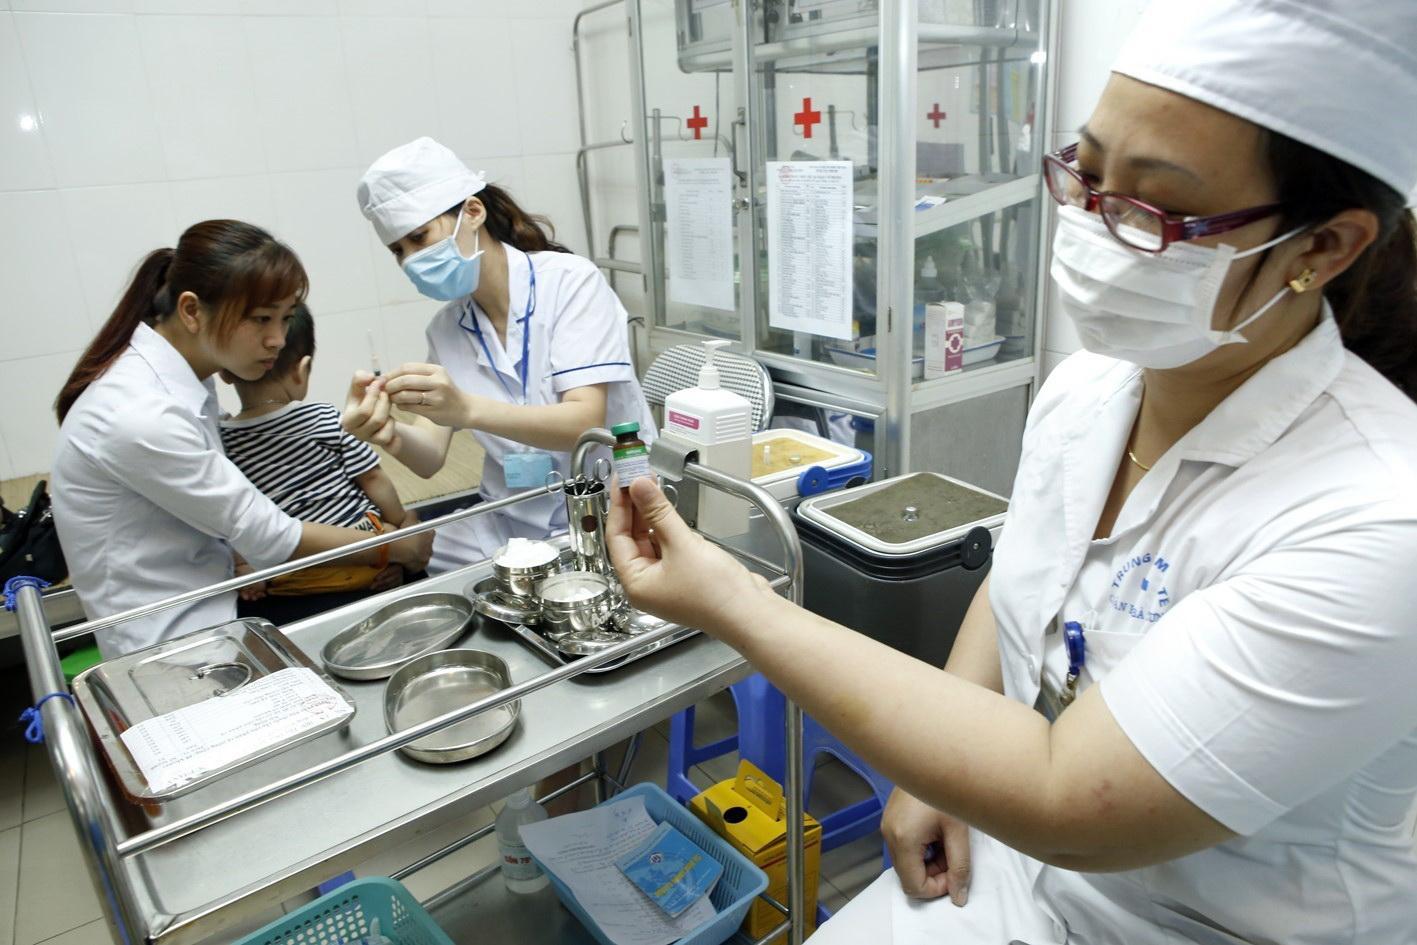 Hà Nội sẽ tiêm bổ sung vắc xin sởi - rubella cho trẻ dưới 5 tuổi Ảnh 1